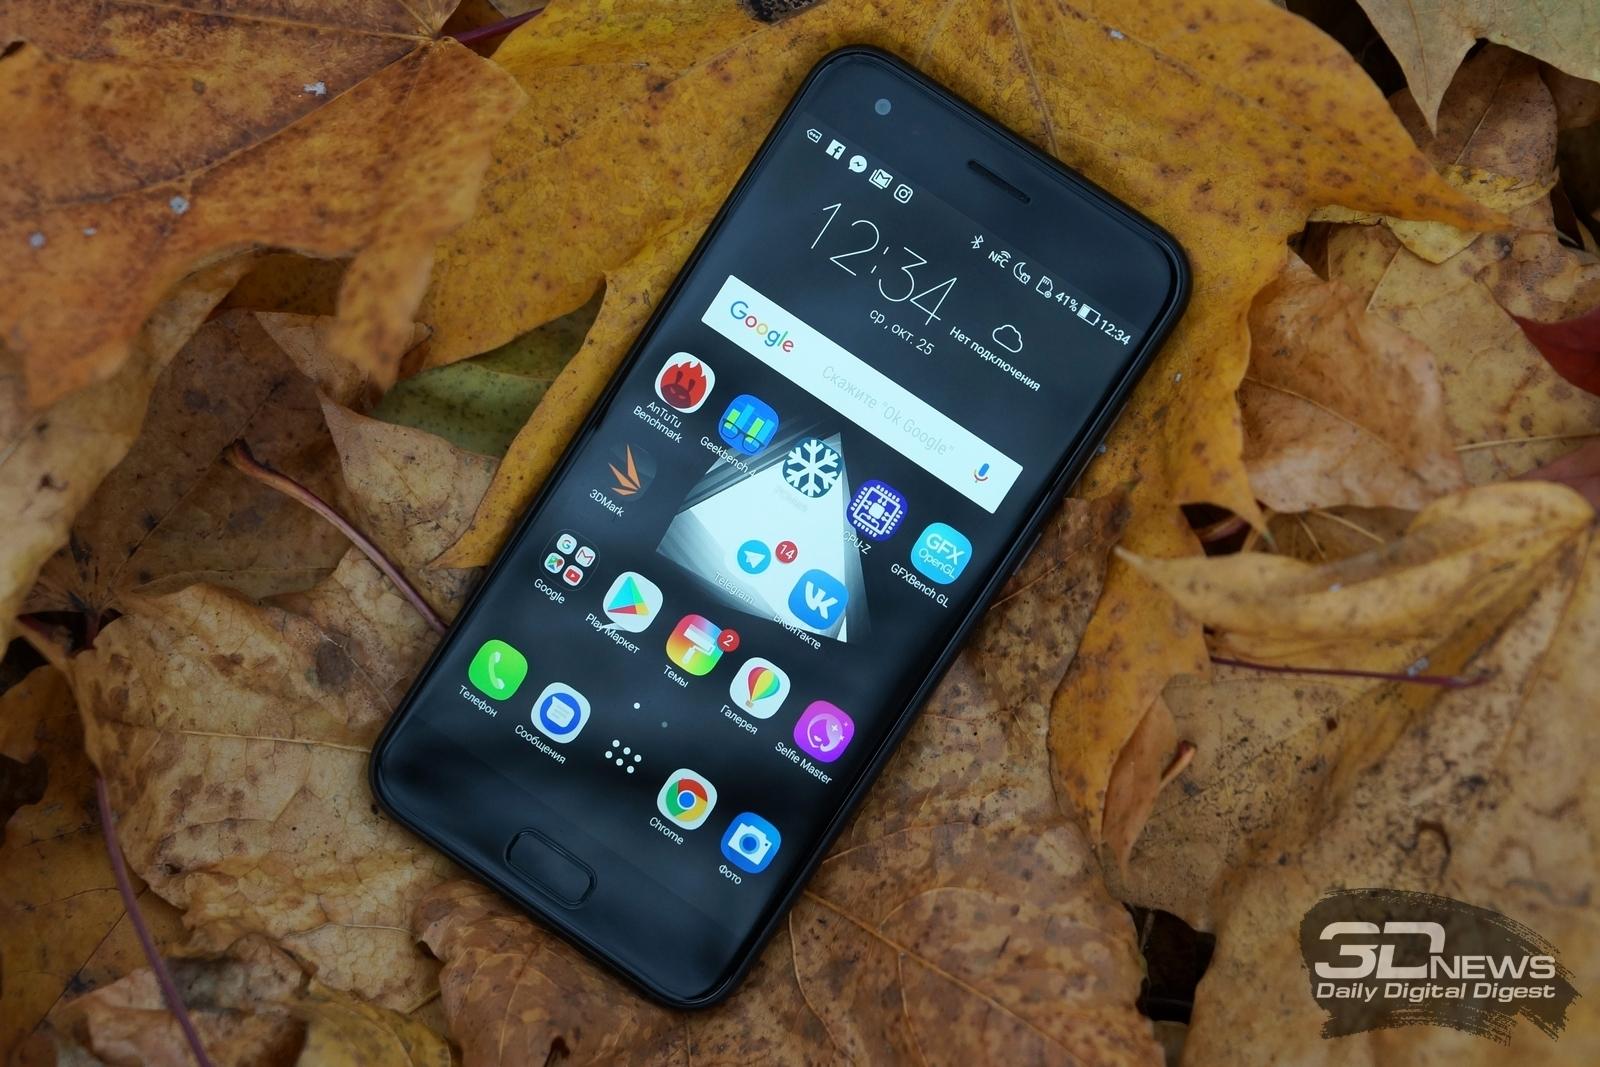 Новая статья: Обзор смартфона ASUS Zenfone 4: широкий взгляд на вещи